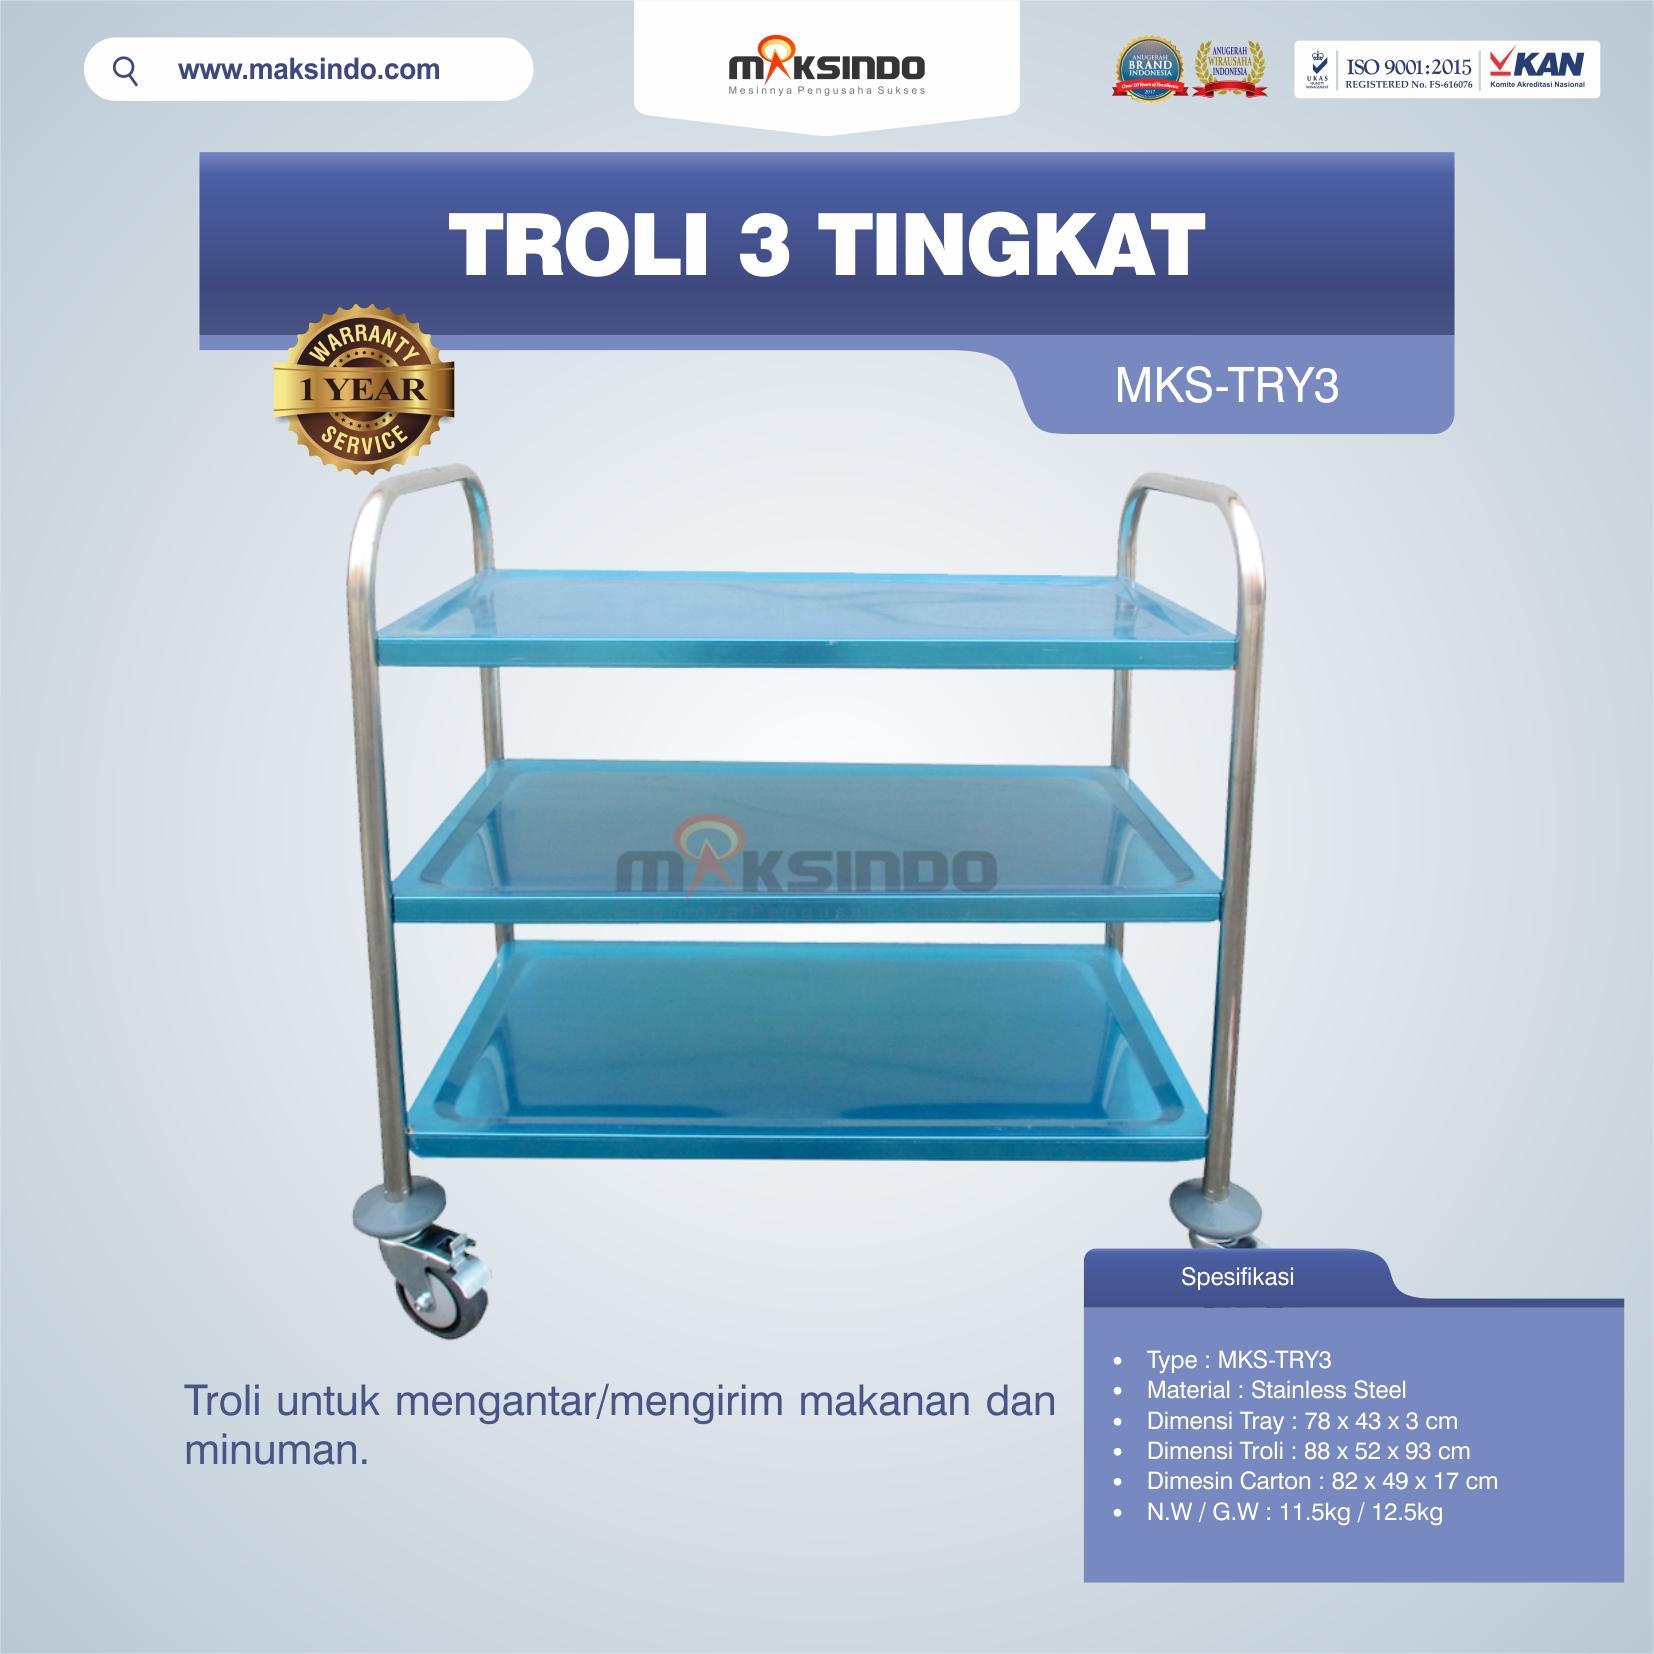 Jual Troli 3 Tingkat MKS-TRY3 di Bekasi